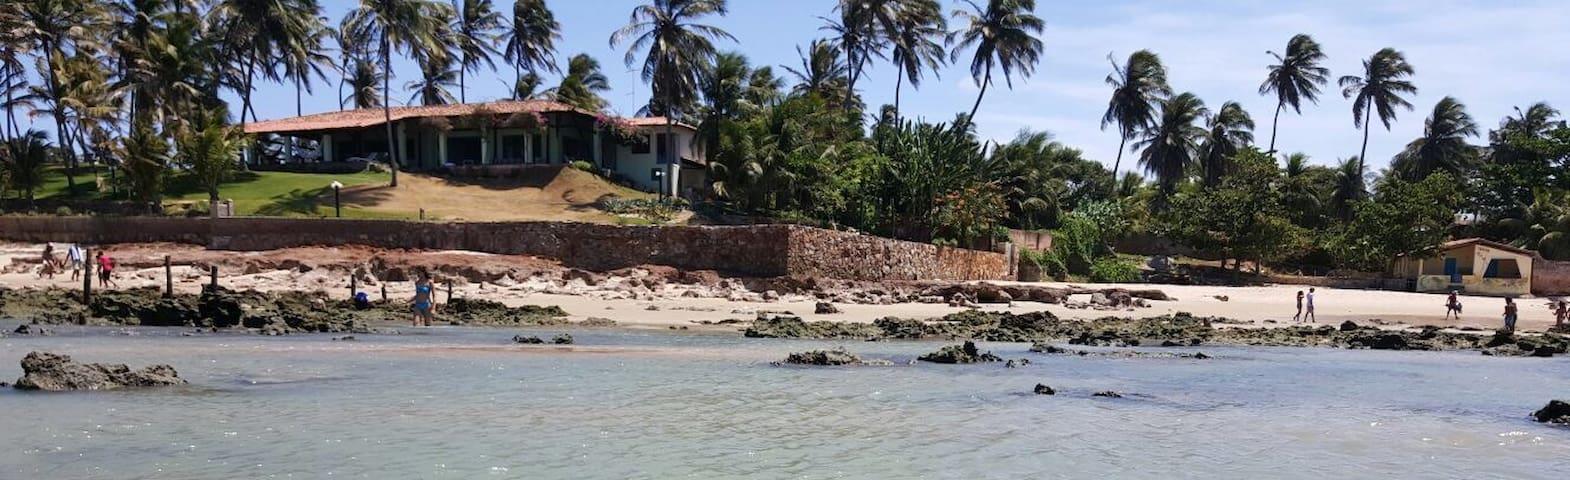 Paraíso a beira-mar. - Taiba - House